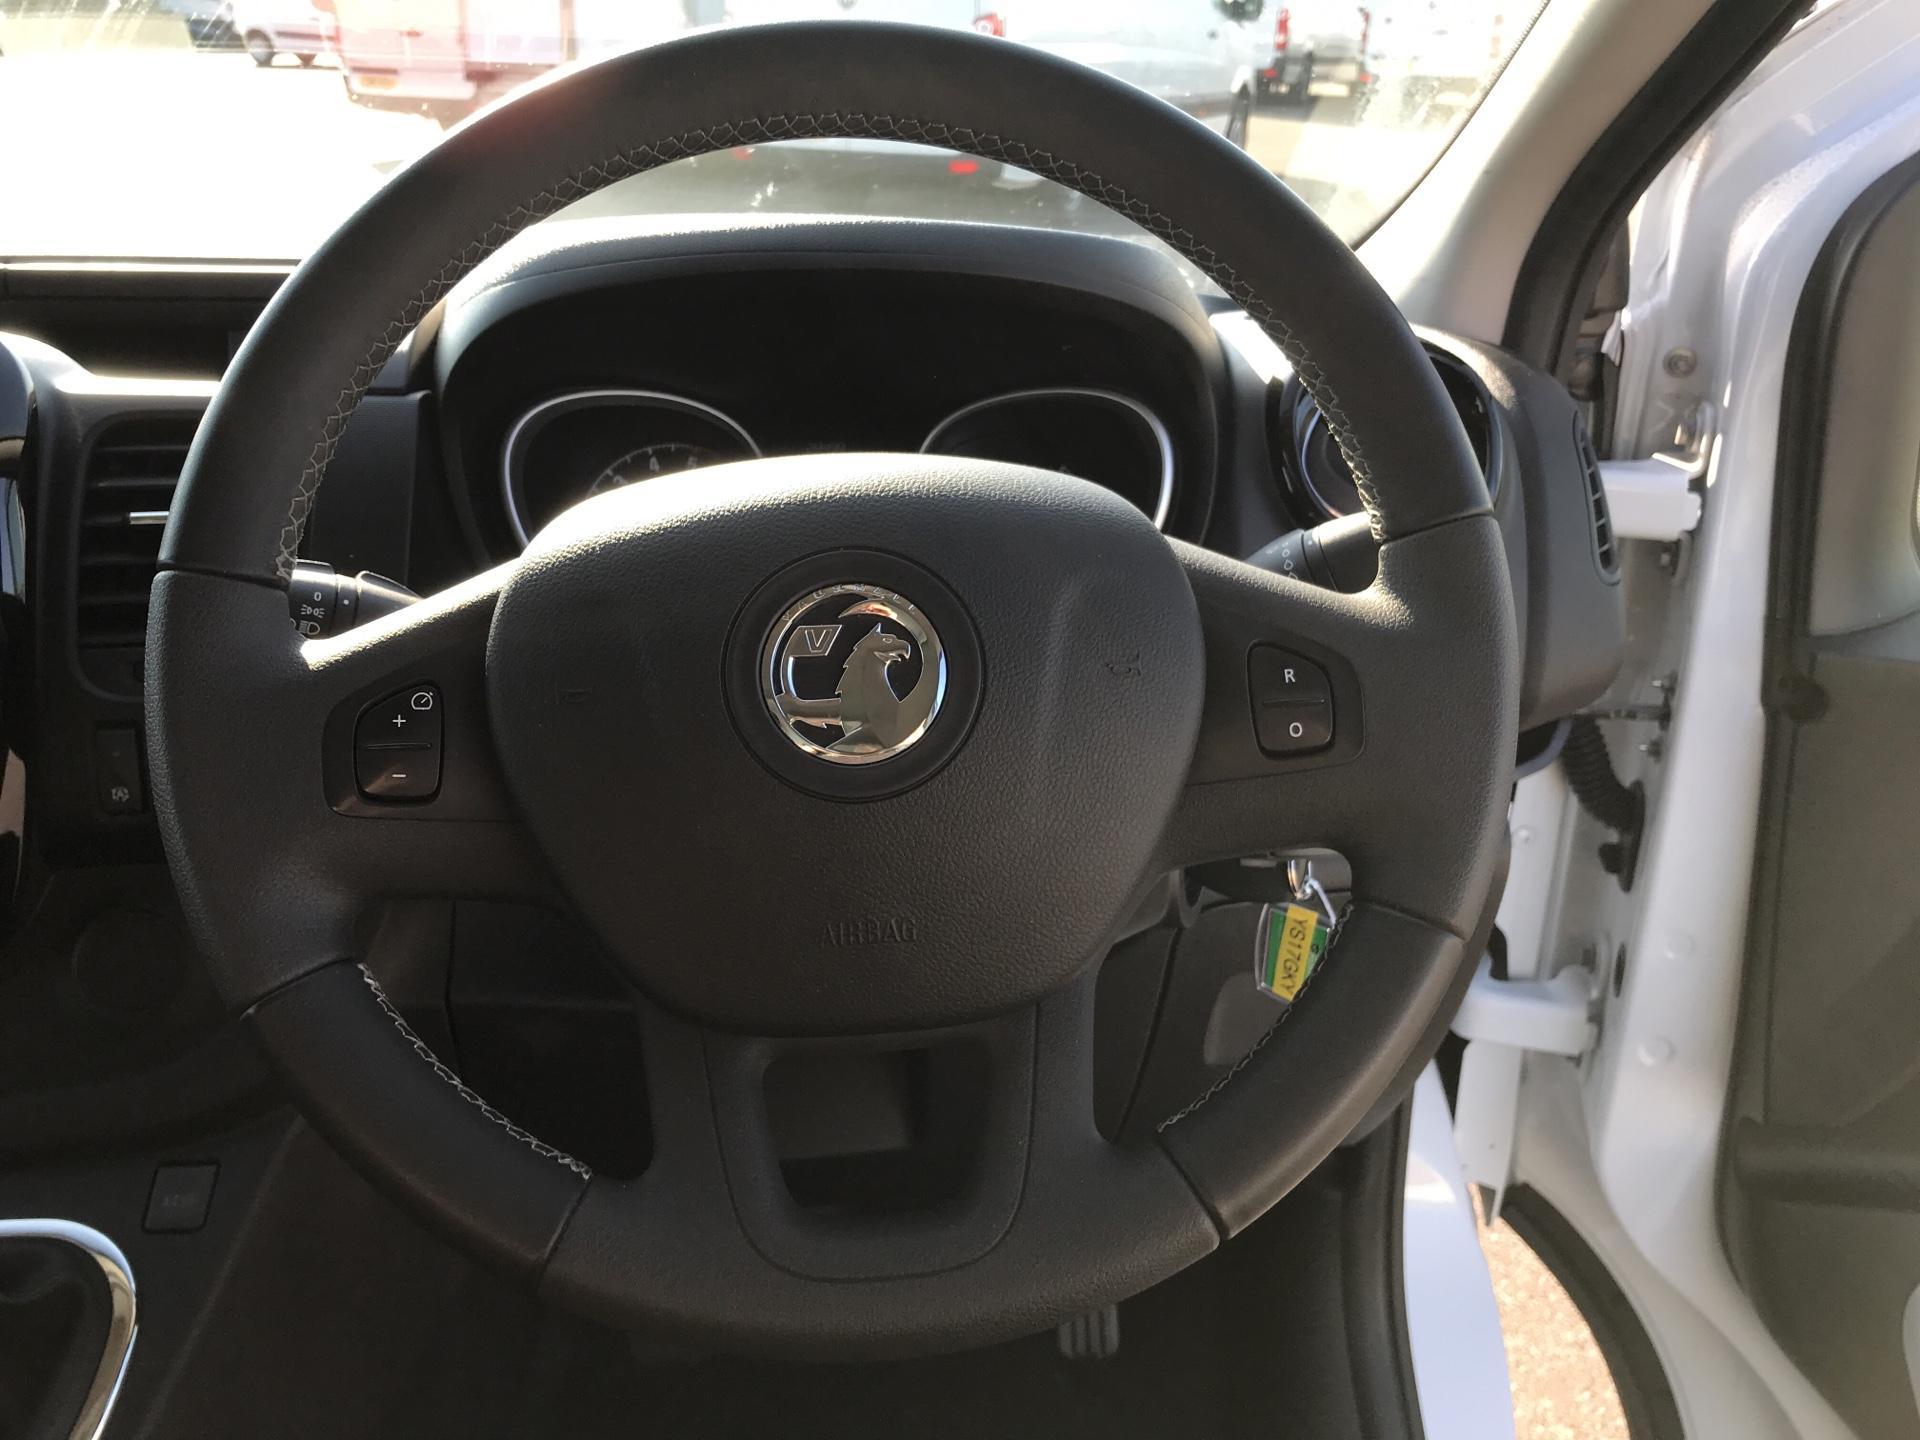 2017 Vauxhall Vivaro L2 H1 2900 1.6 115PS  BITURBO SPORTIVE  EURO 5 (YS17GKY) Image 12